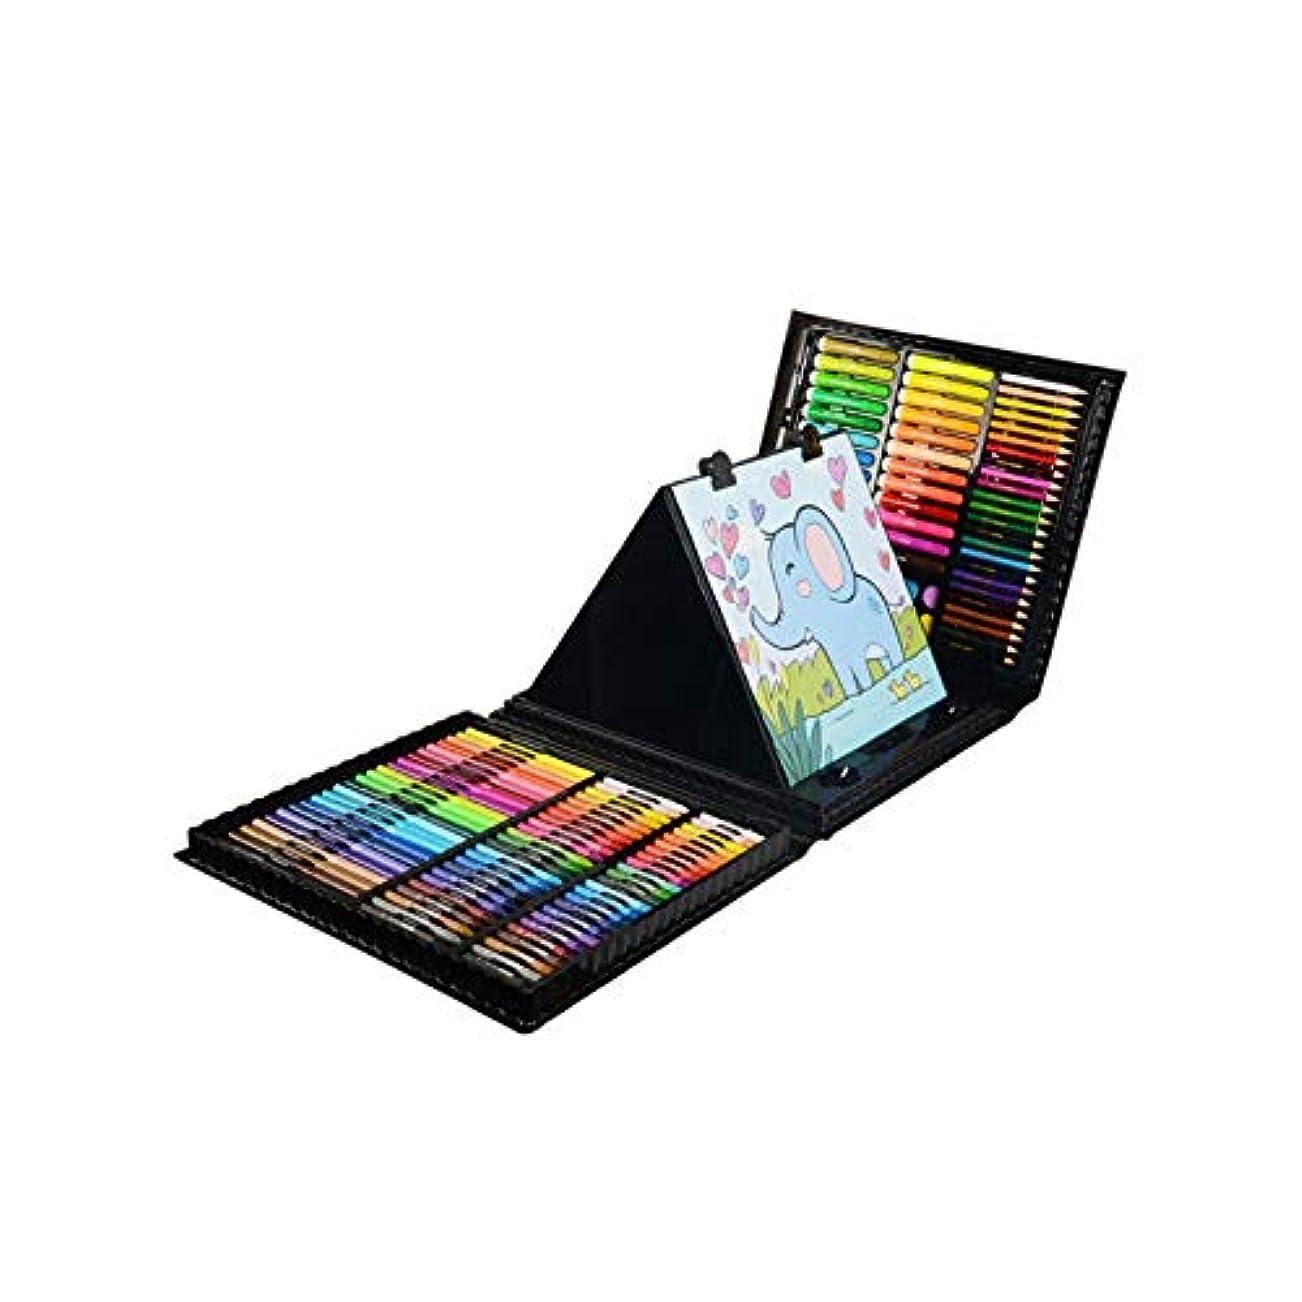 合わせてこれらプレミアKaiyitong001 塗装ブラシ、24色139子供用塗装セット、均一色プラスチック包装塗装セット(黒/ピンク、37 * 31 * 6 cm) 豊かな線を描く (Color : Black, Size : 37*31*6cm)